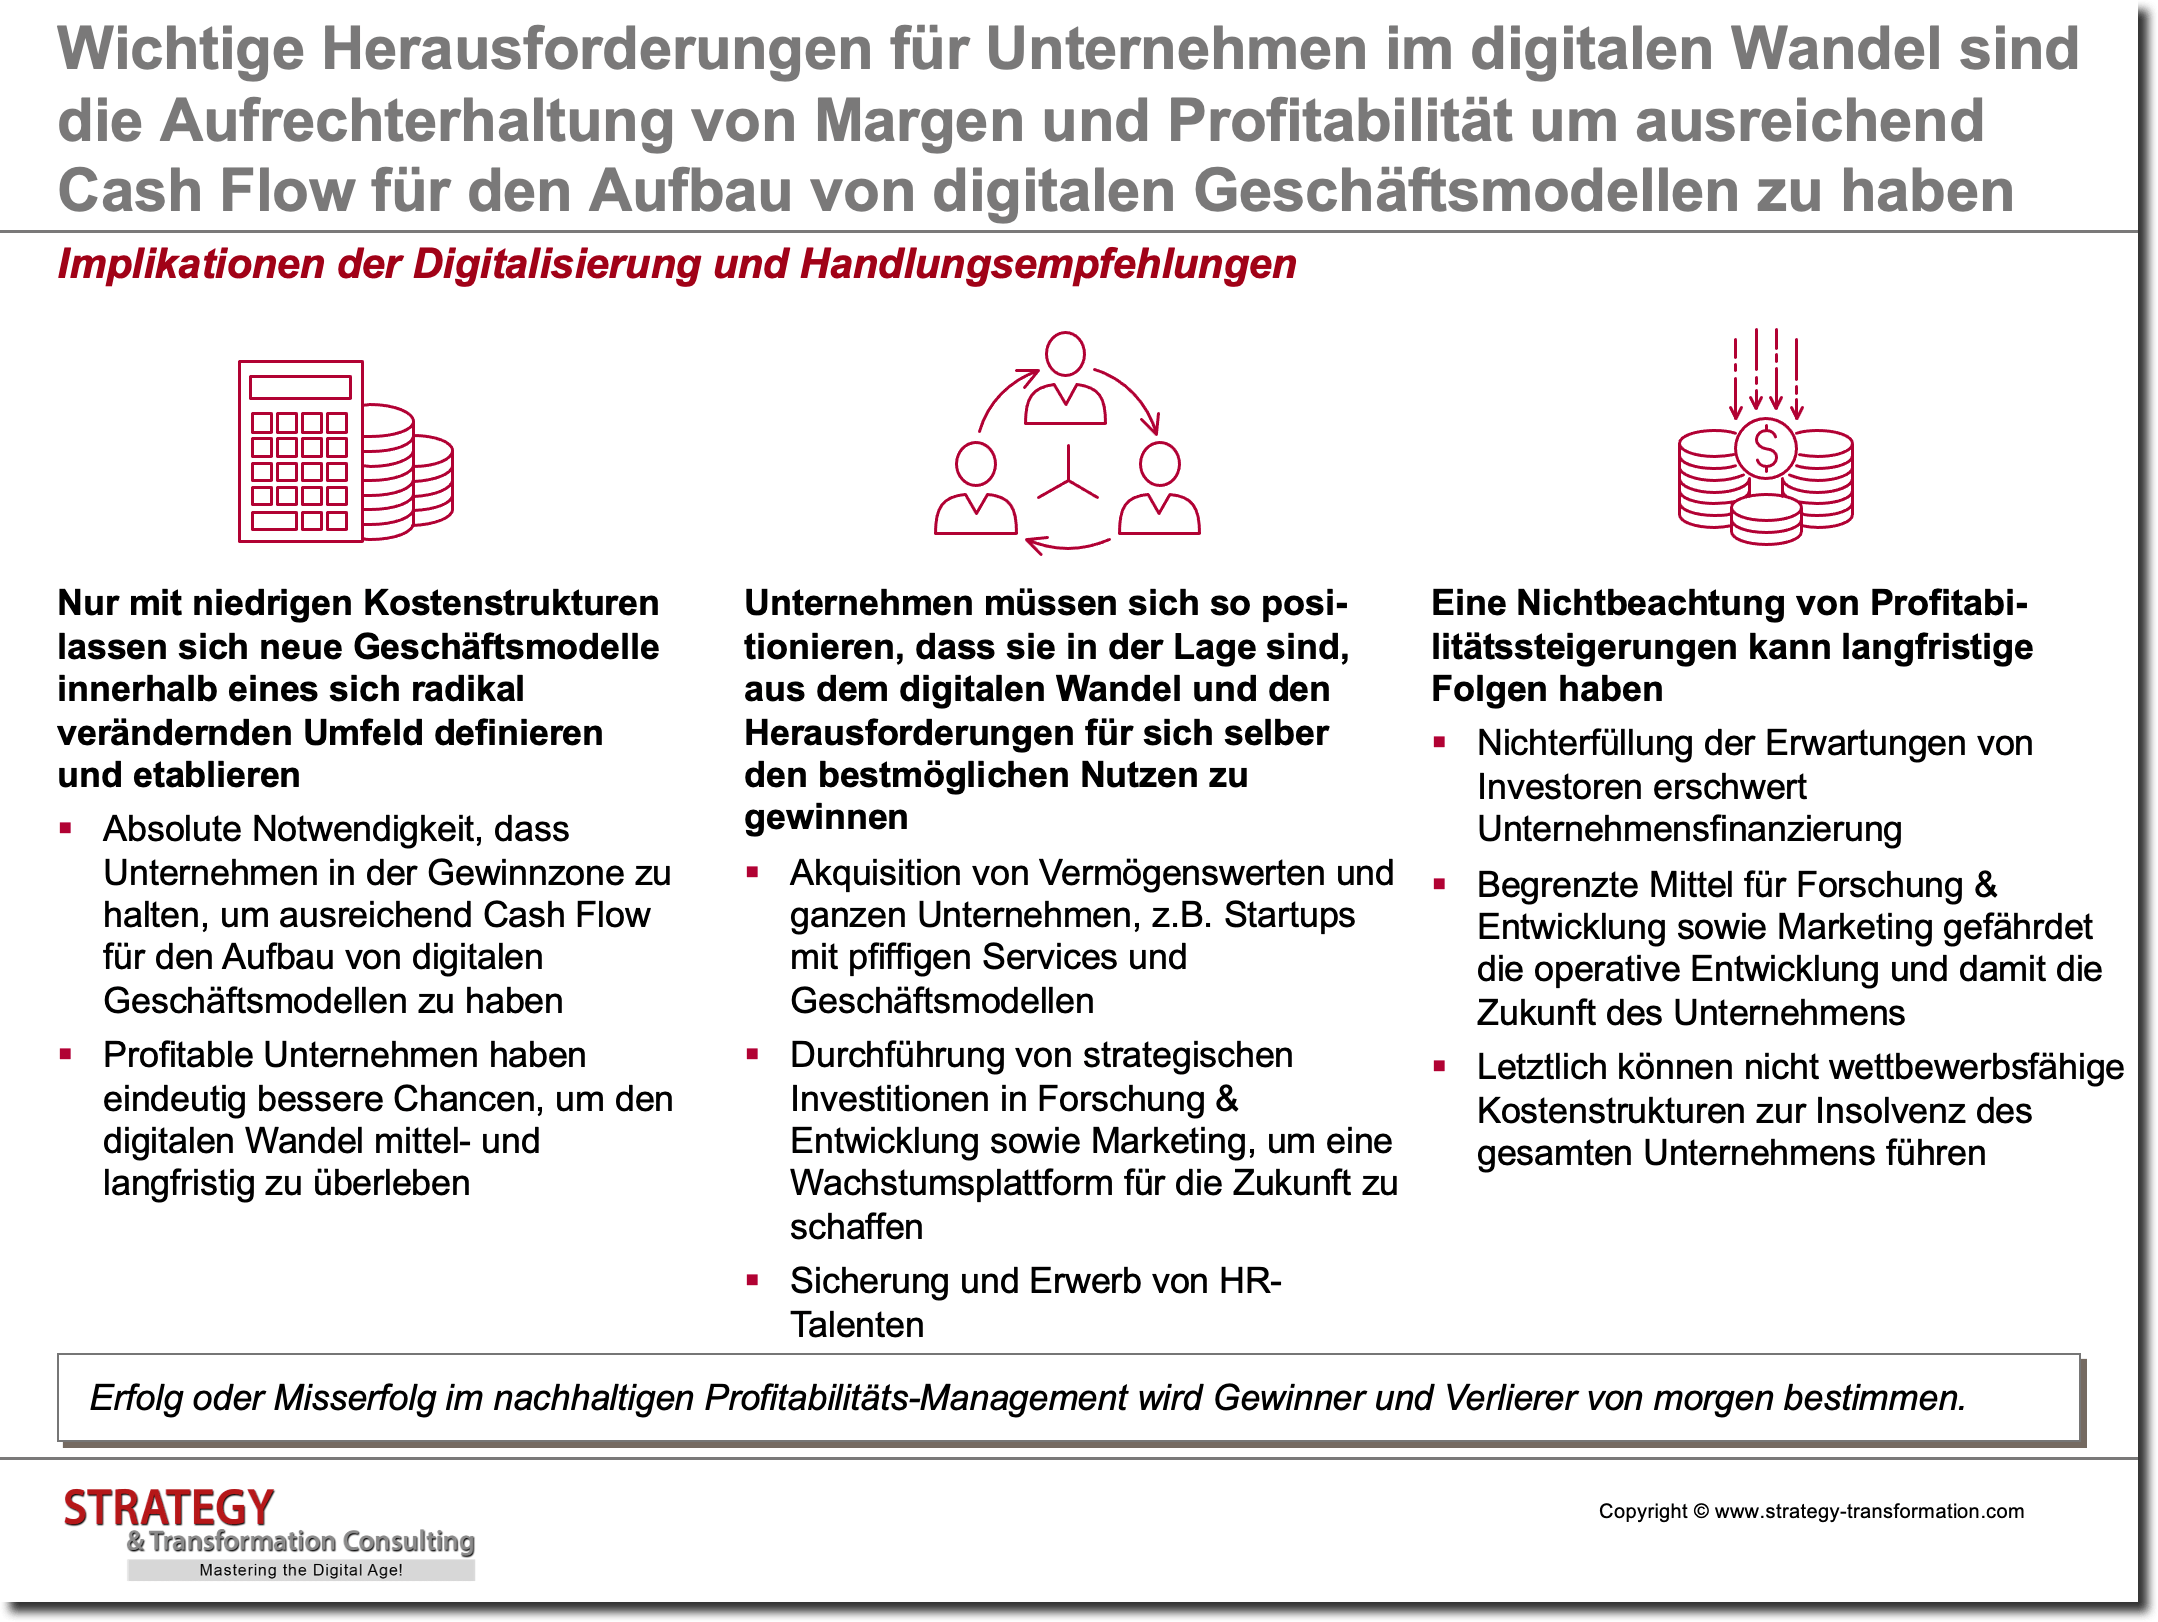 Implikationen der Digitalisierung und Handlungsempfehlungen